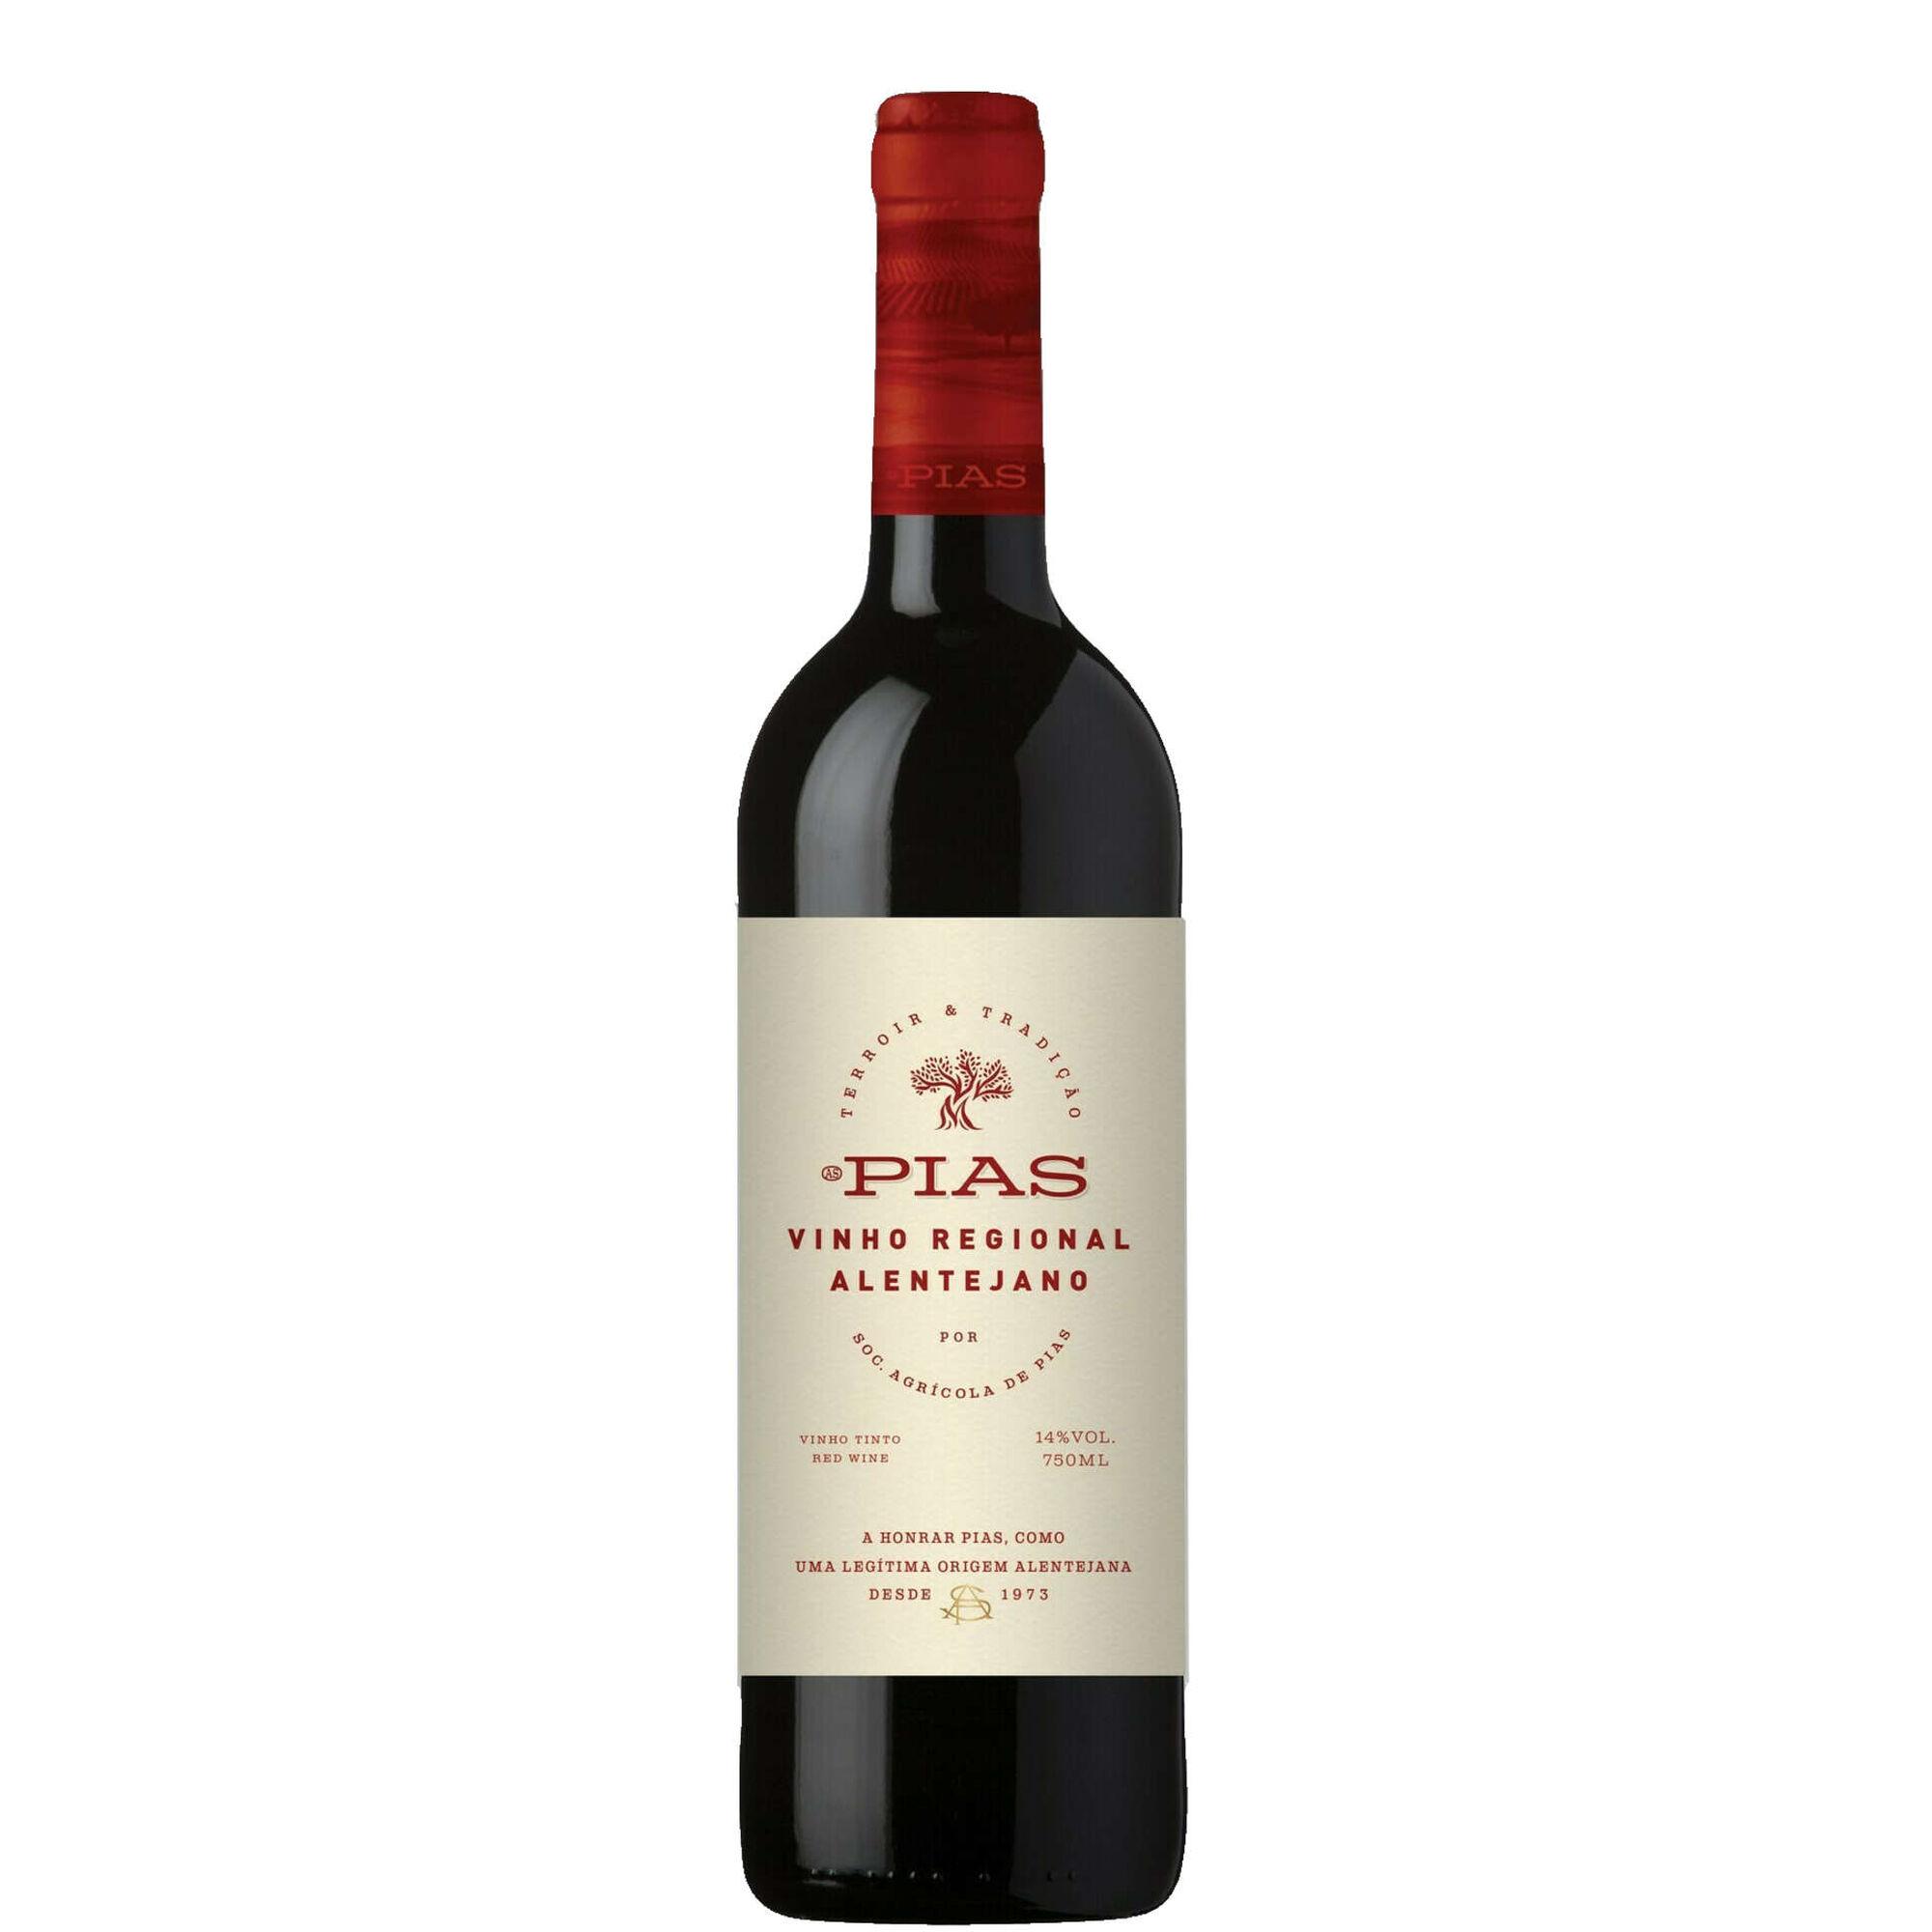 Aspias Regional Alentejano Vinho Tinto